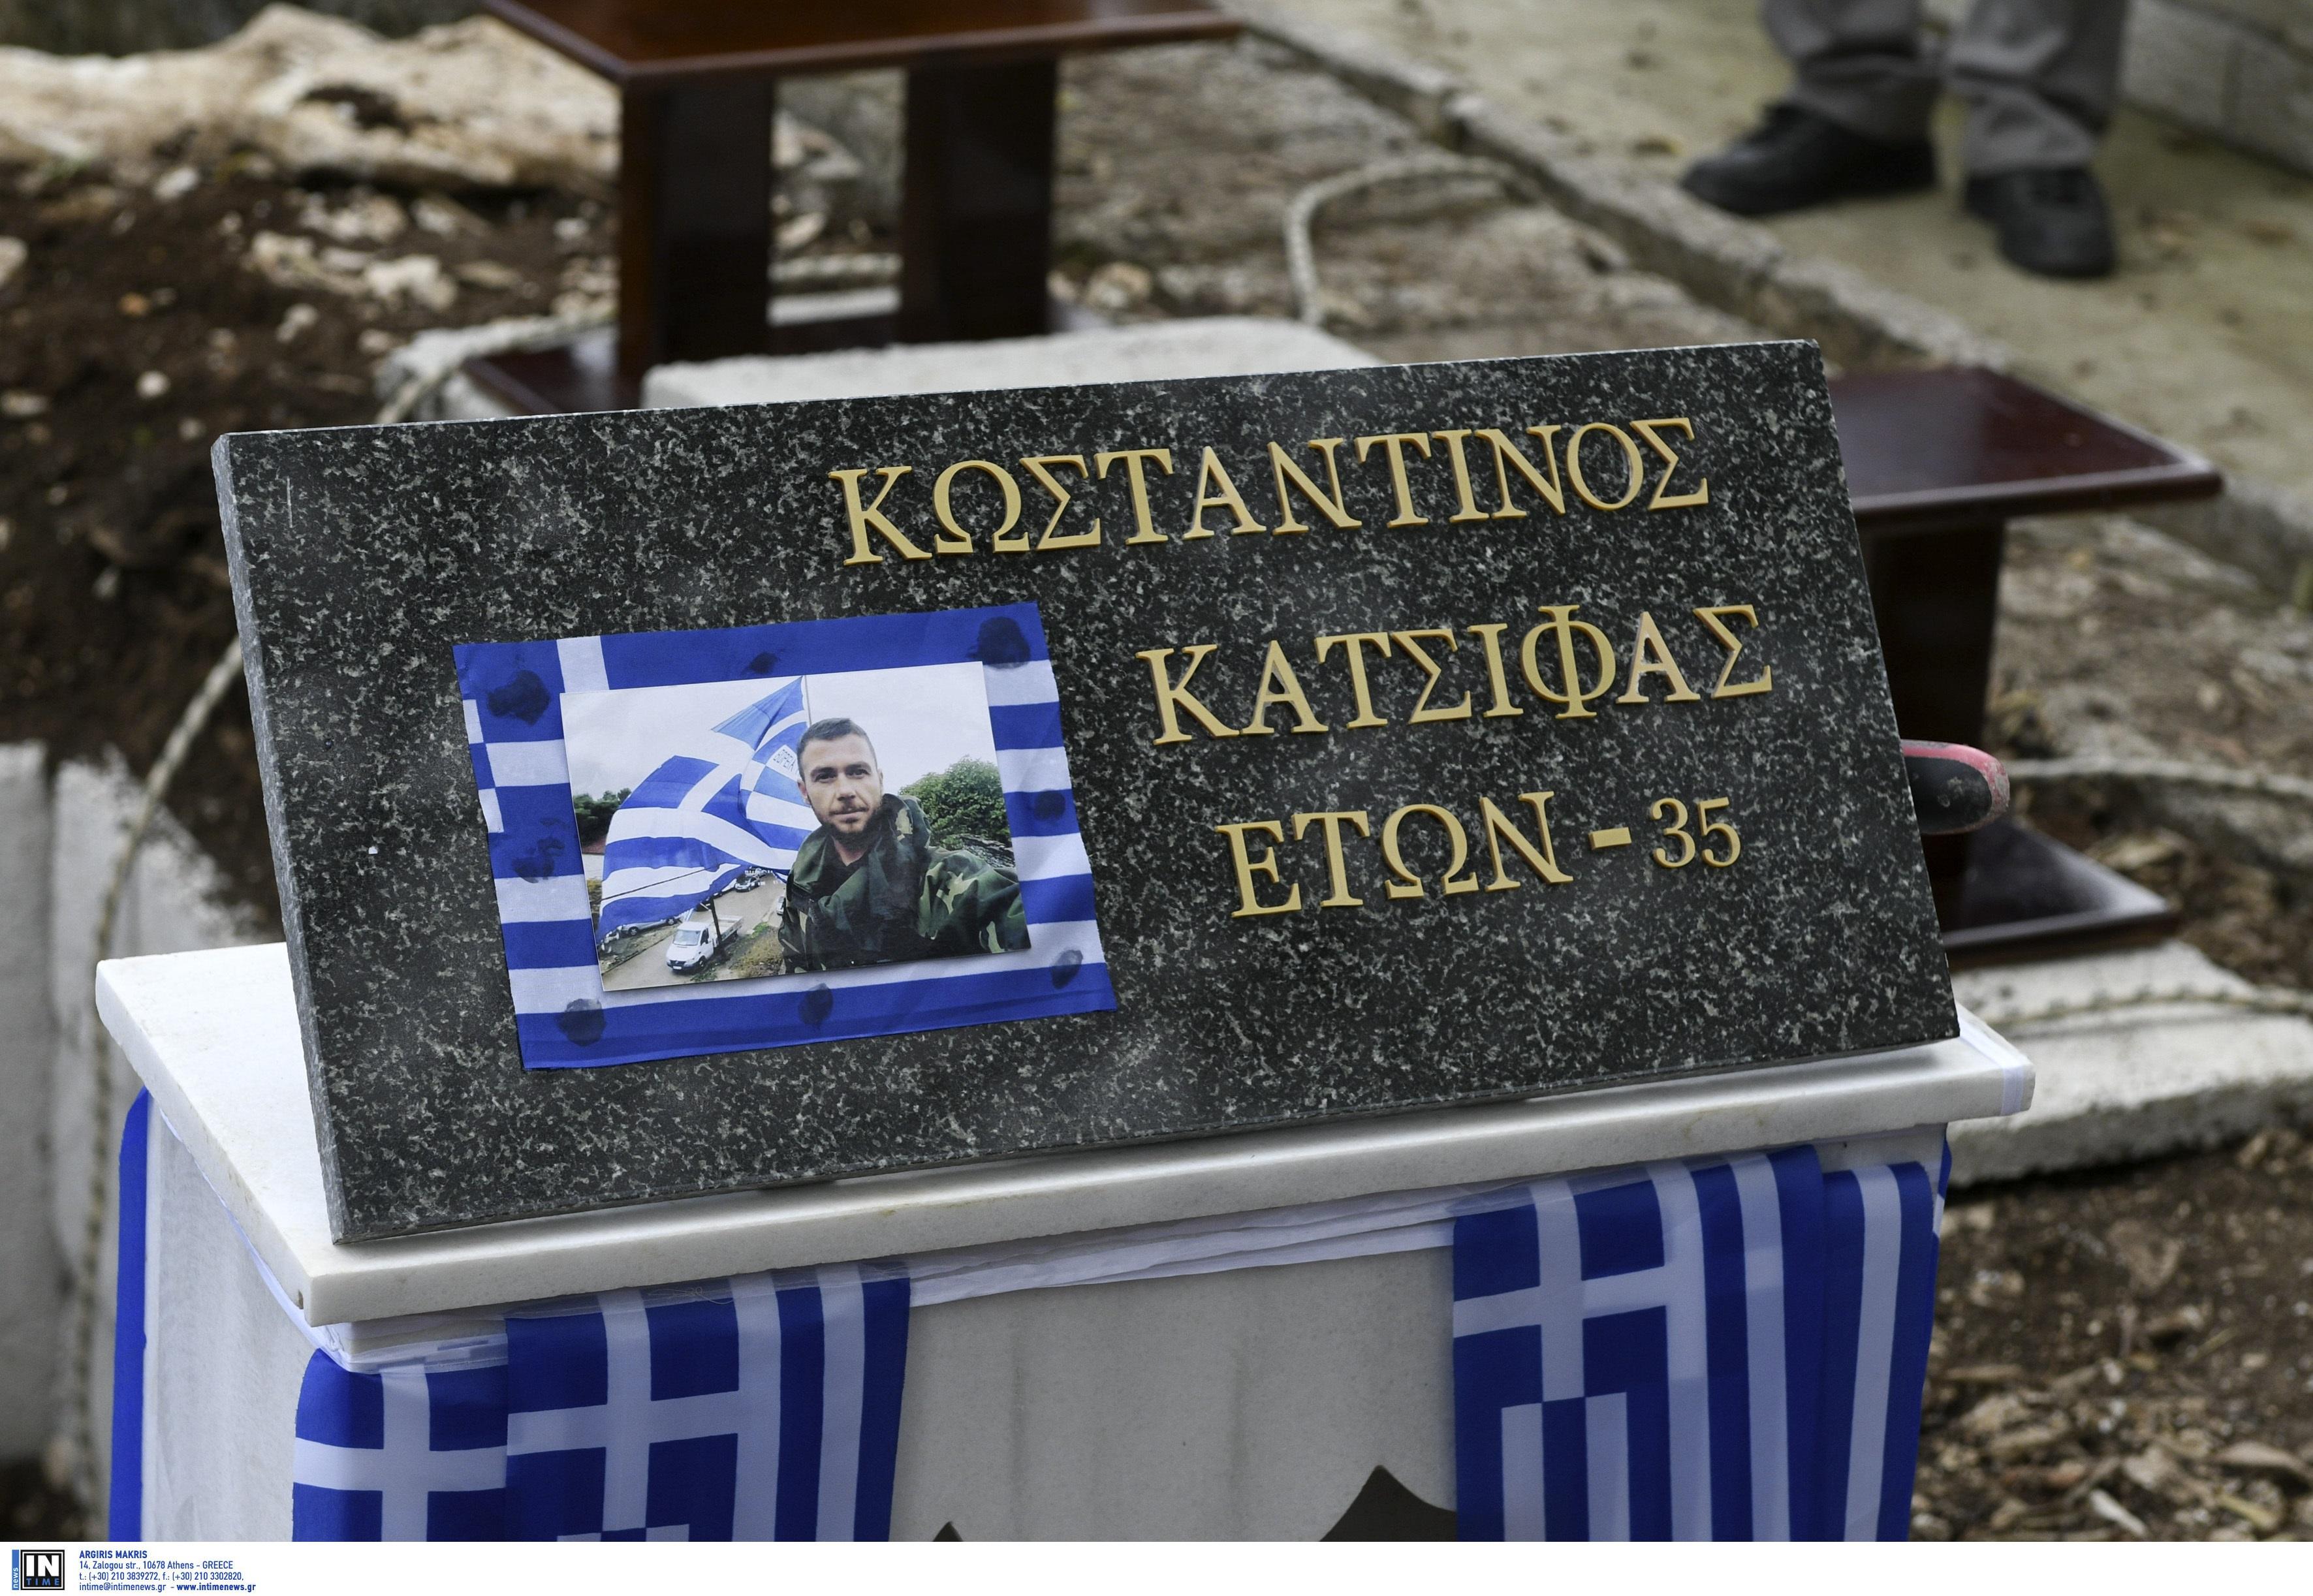 Κωνσταντίνος Κατσίφας: Το δικαστήριο Αργυροκάστρου συνεχίζει τις έρευνες για τον θάνατό του